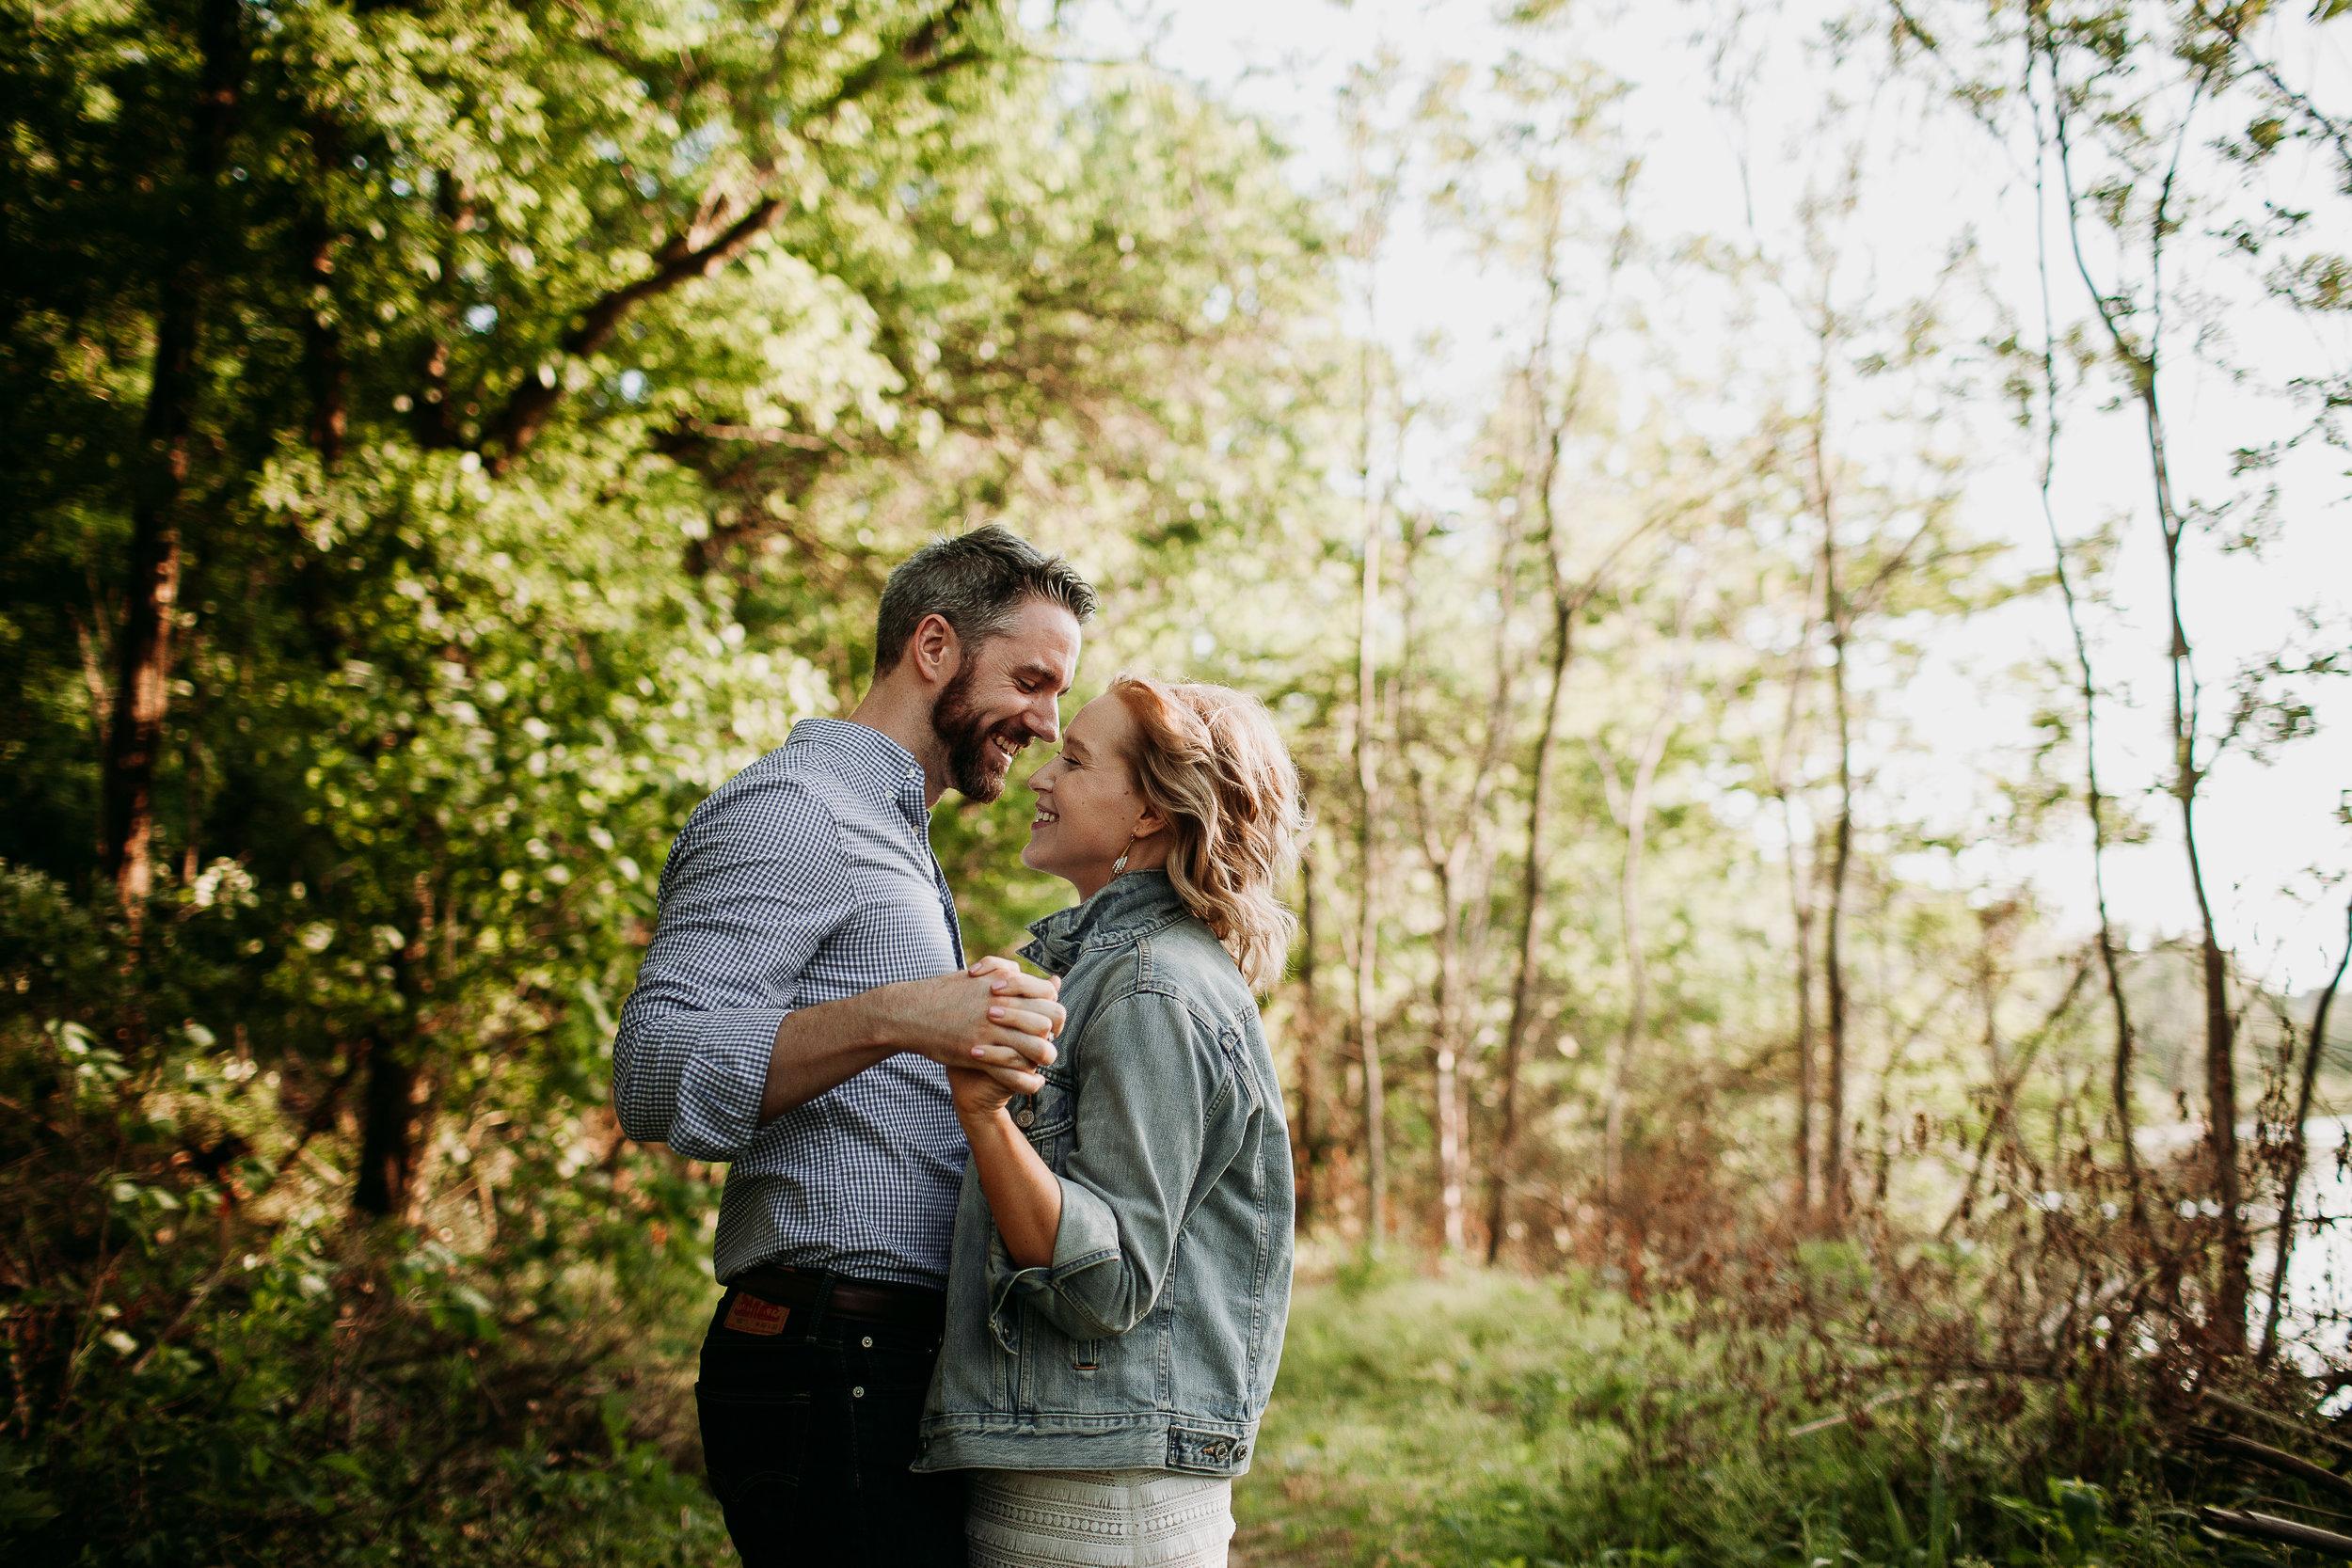 070 Lauren and Greg Engagement - 20180515.jpg